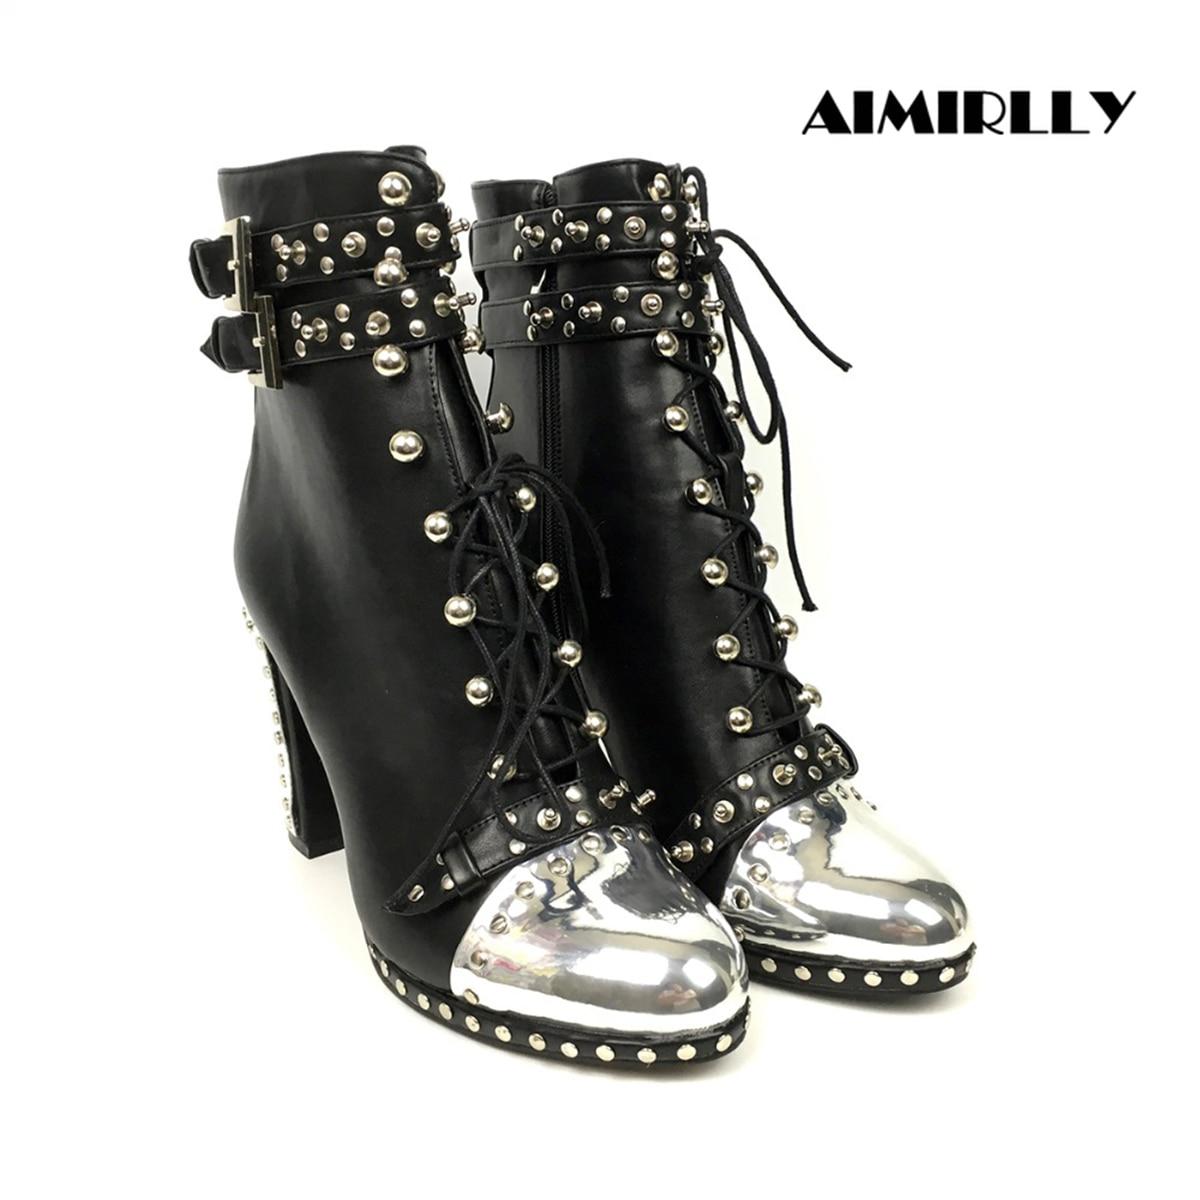 Aimirlly جديد المرأة واشار تو عالية الكعب الفضة المسامير حذاء كاحل برباط مشبك الجانب البريدي حذاء من الجلد أزياء الشتاء الجوارب-في أحذية الكاحل من أحذية على  مجموعة 1